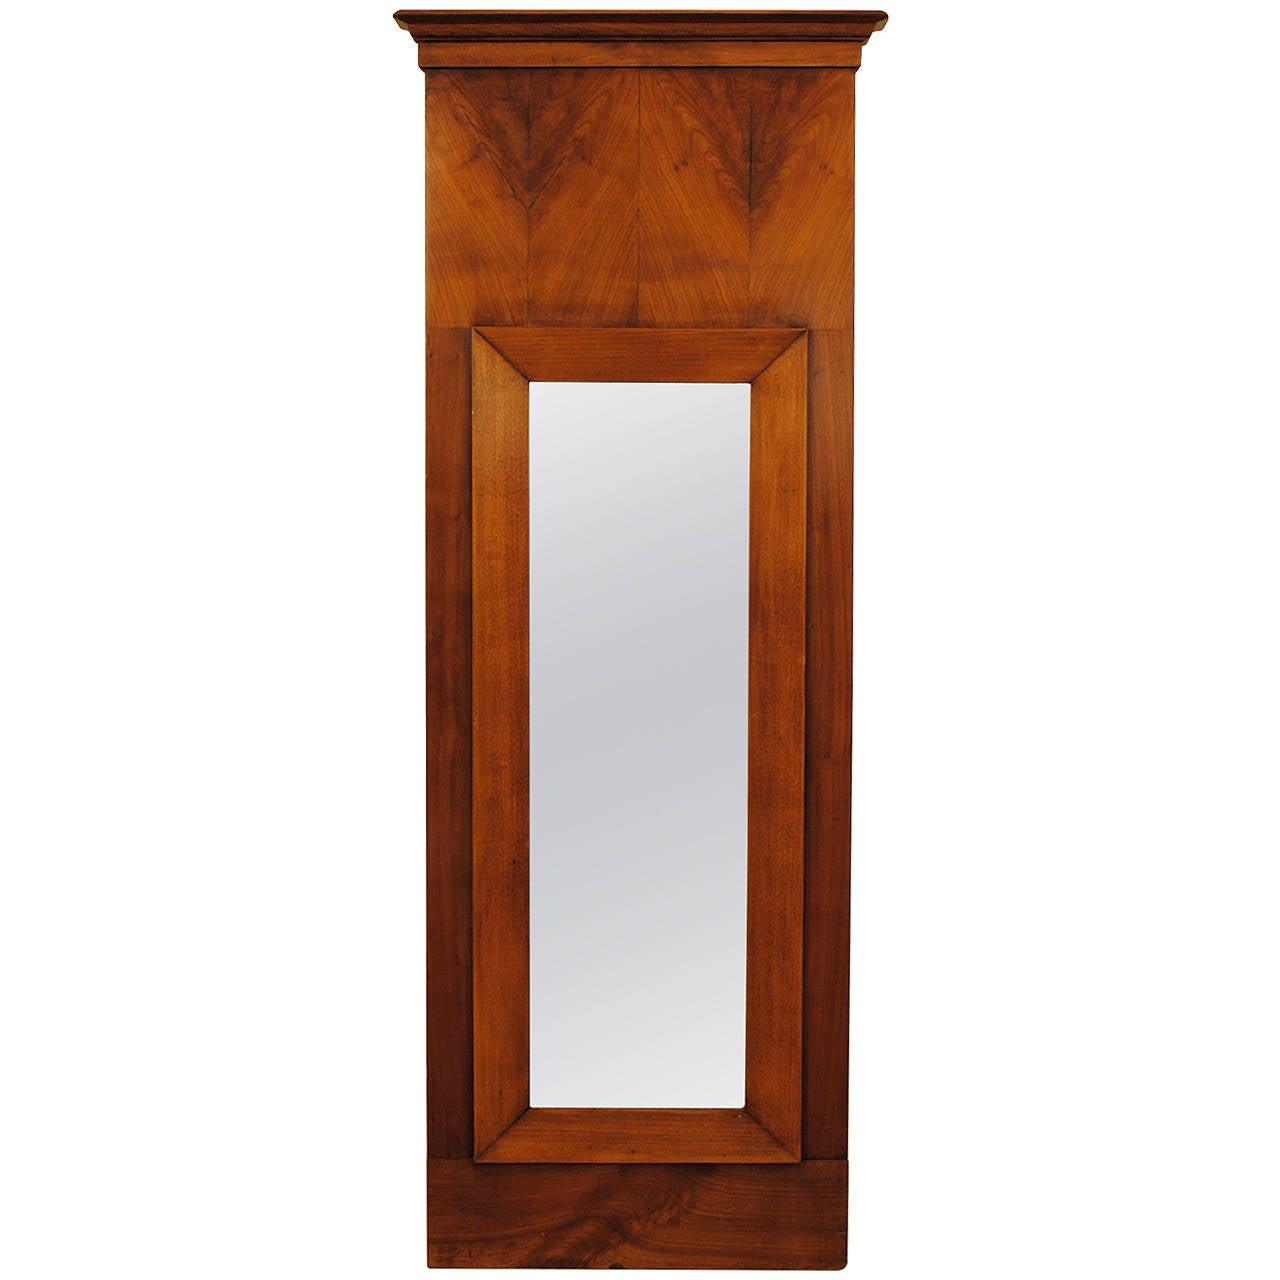 Biedermeier Cherrywood Veneered Slender Wall Mirror